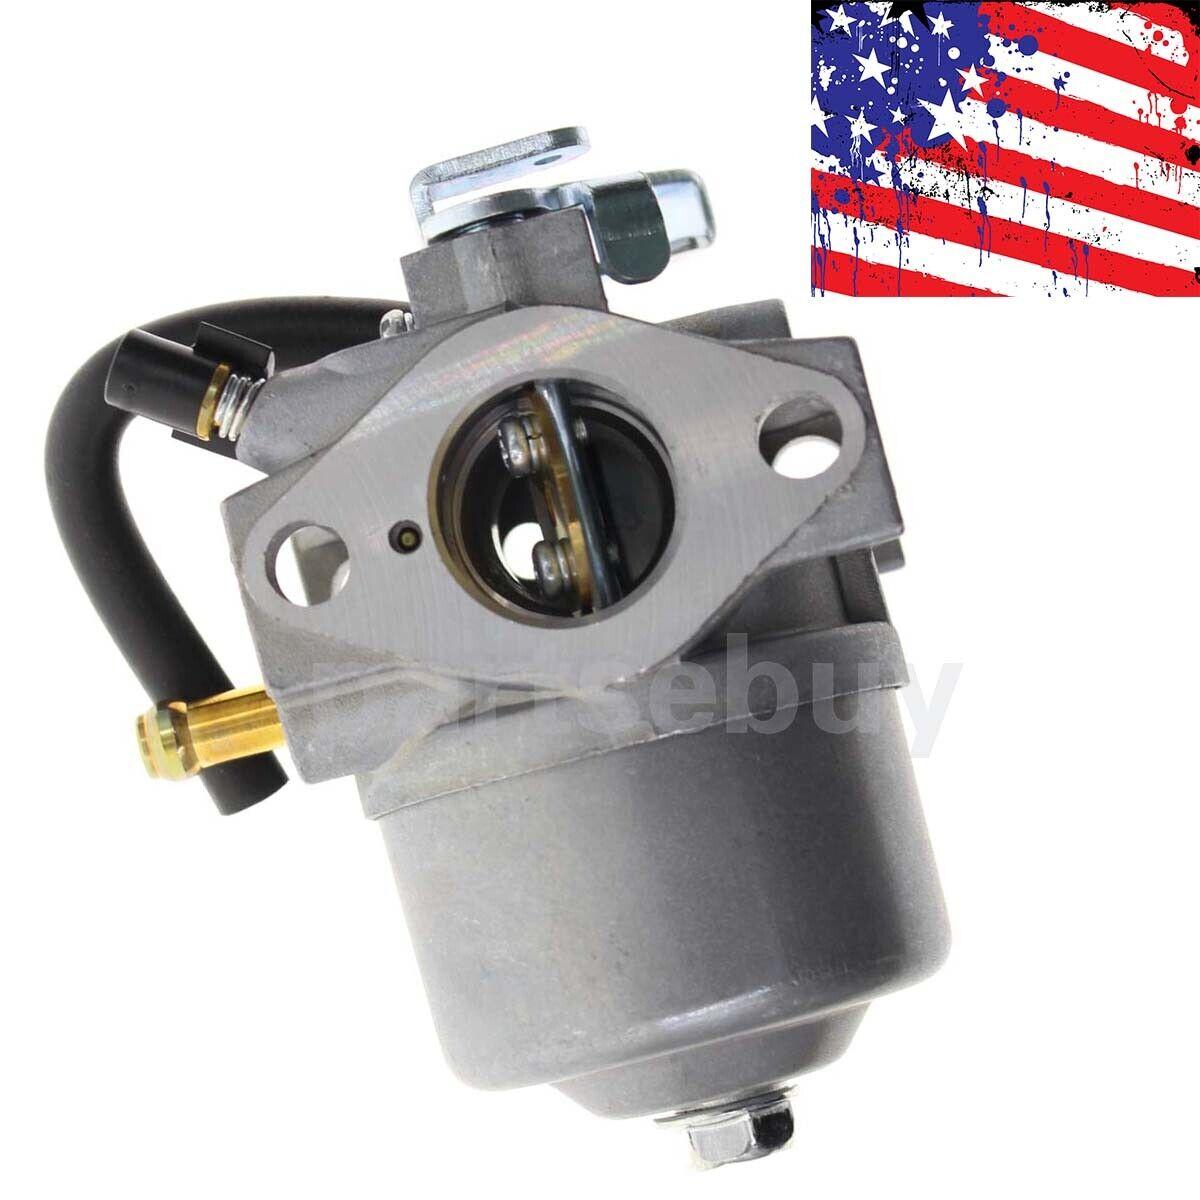 Nuevo Cocheburador reemplazar John Deere LX178 Motor CocheB   AM122614